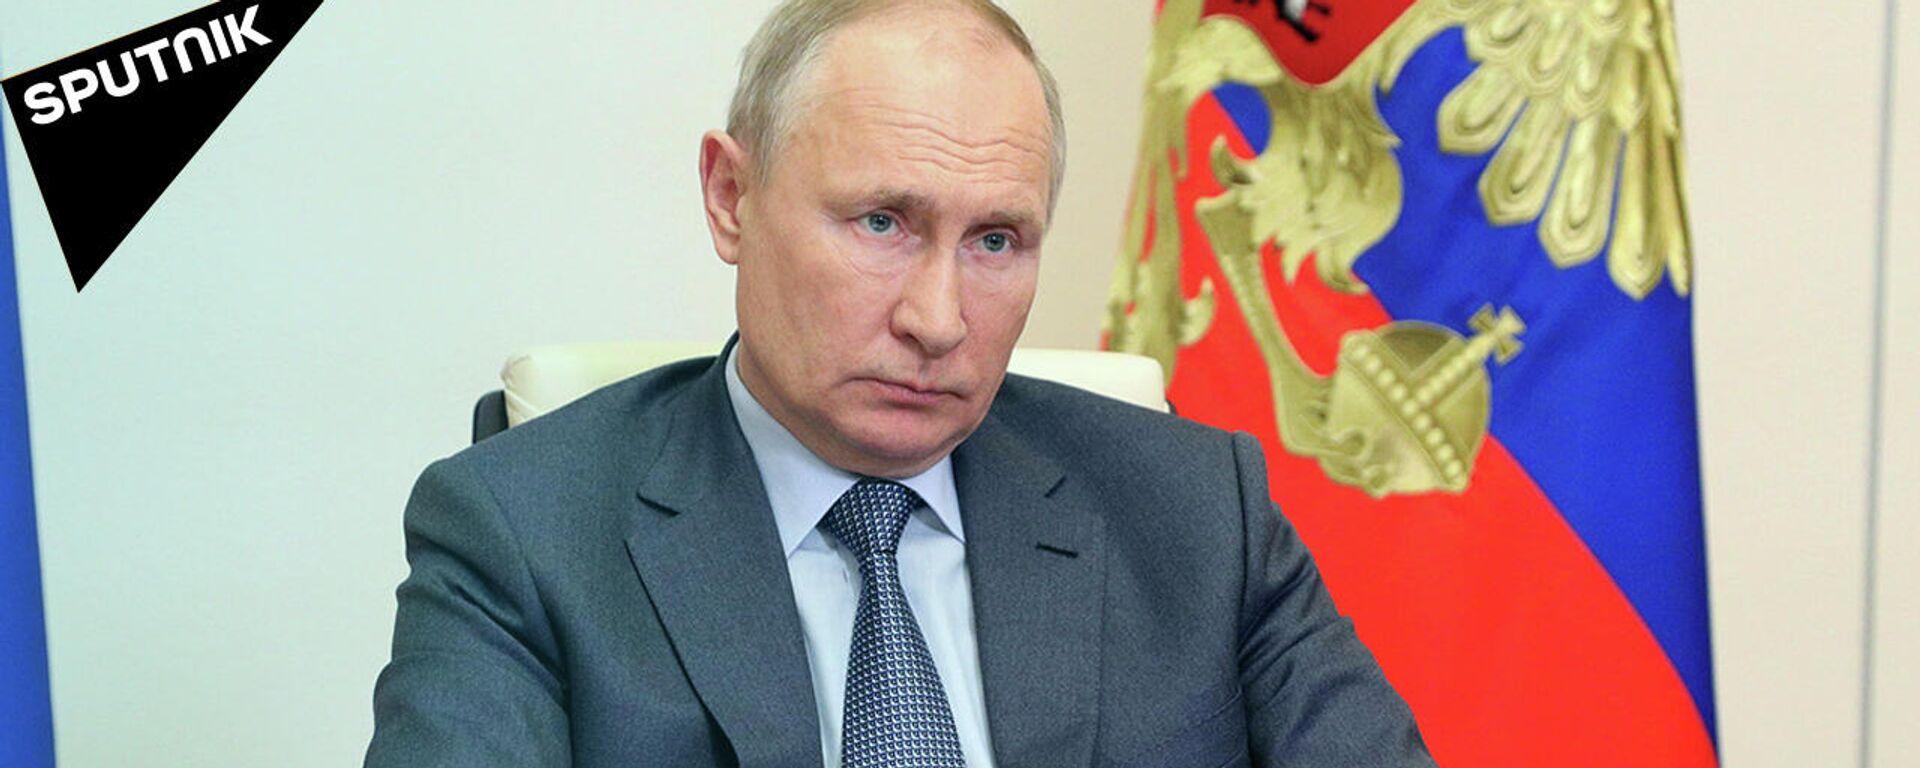 Варварское преступление — Путин о трагедии в Казани  - Sputnik Узбекистан, 1920, 13.05.2021